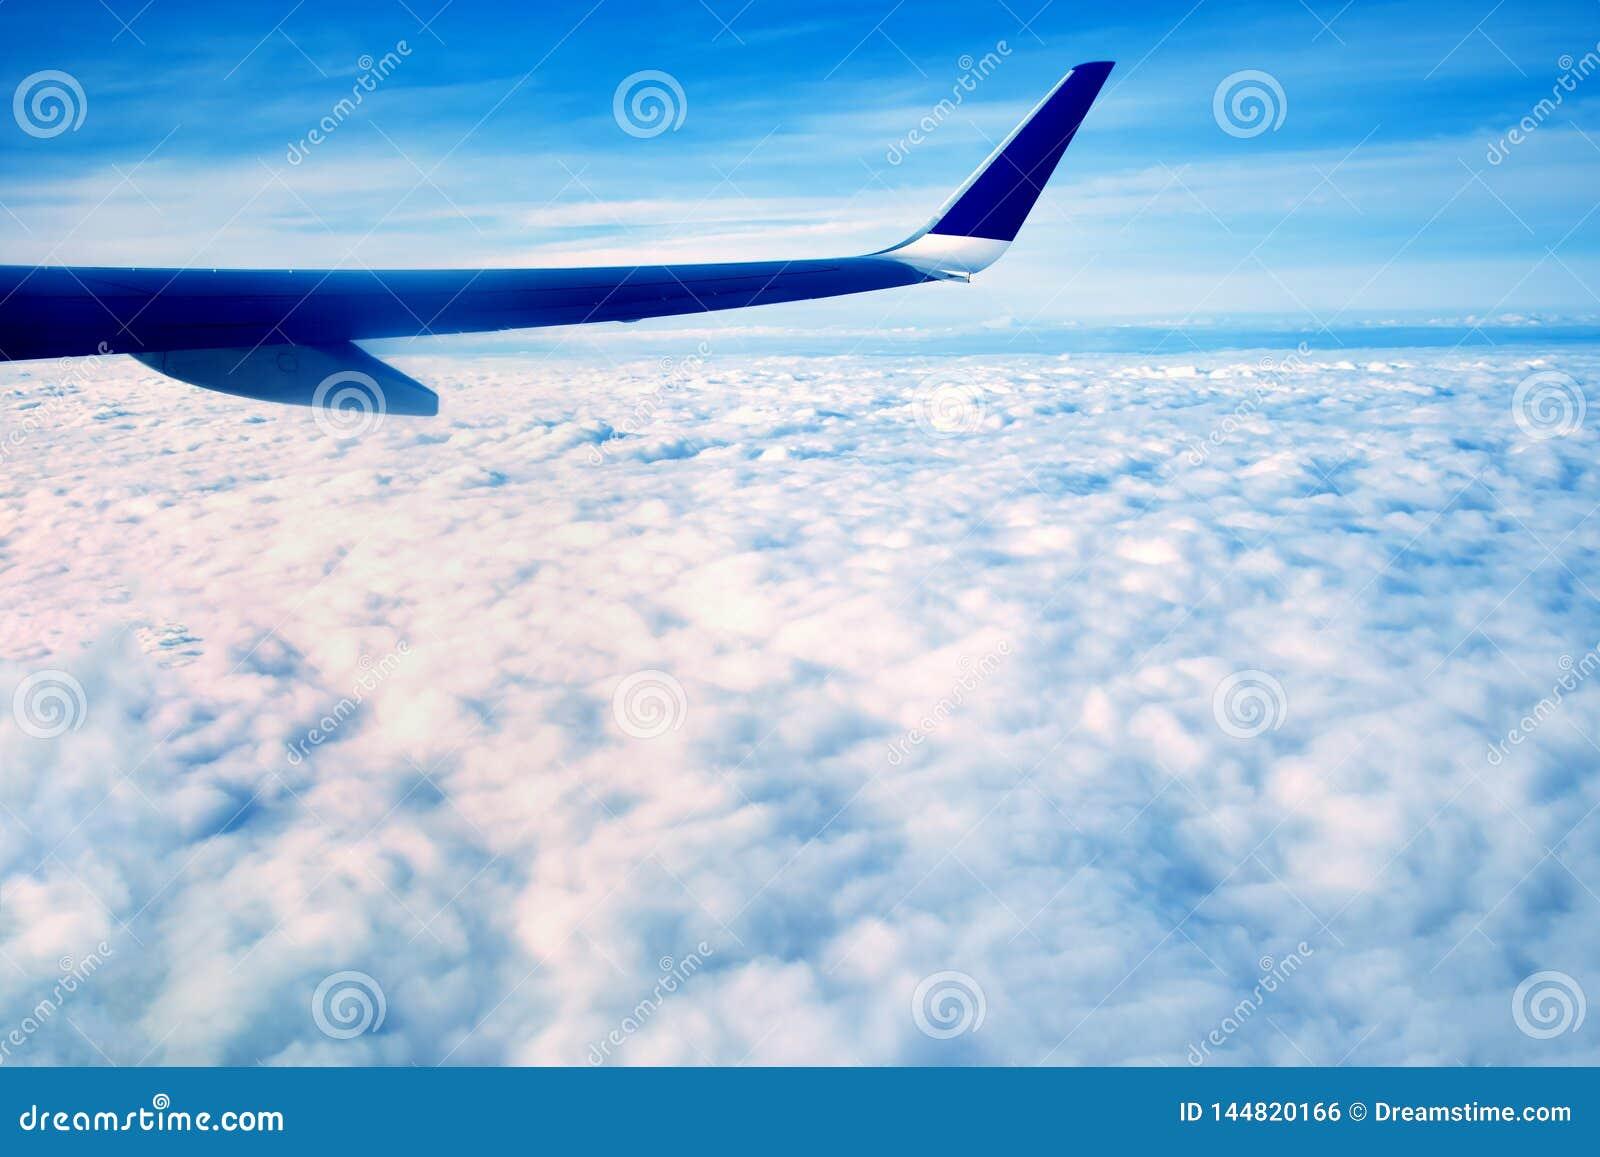 El ala azul de un aeroplano grande, volando sobre las nubes blancas de la mañana, en la mucha altitud sobre la tierra, contra el